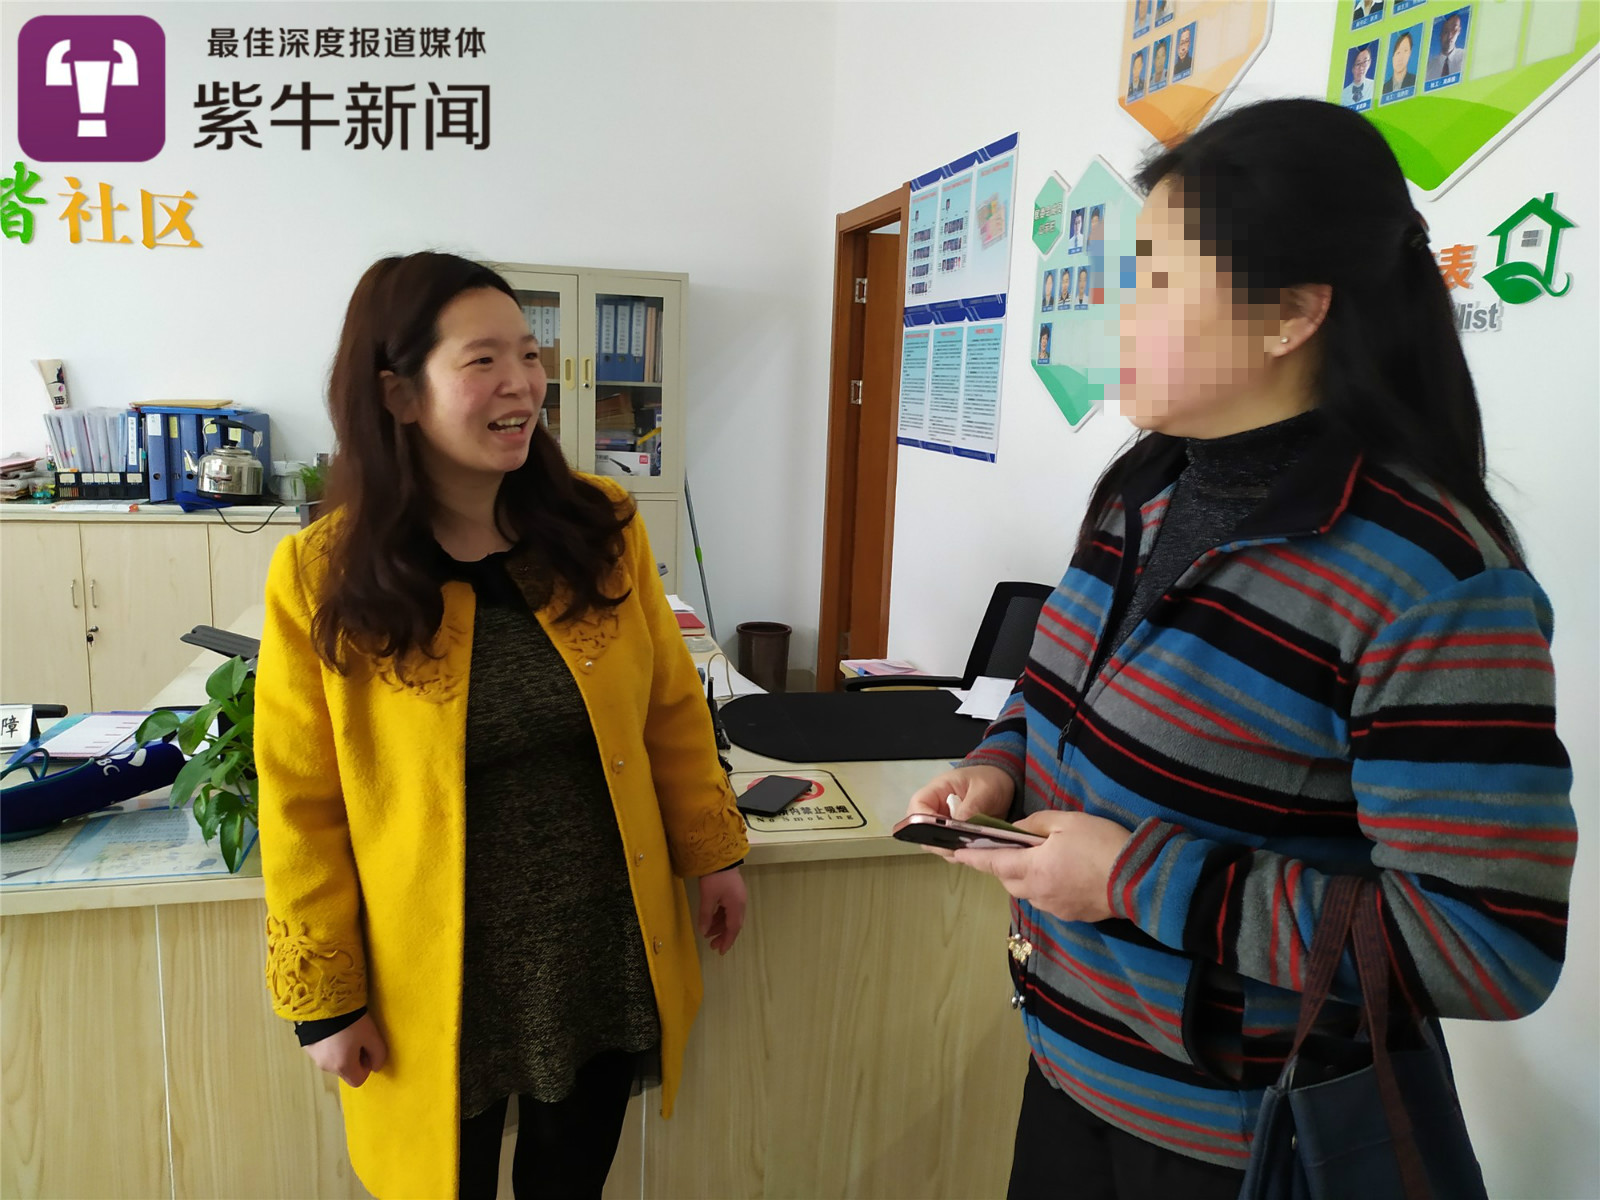 拾荒老人去世留60万遗产无人继承 或将归国家所有,yanmenzhao